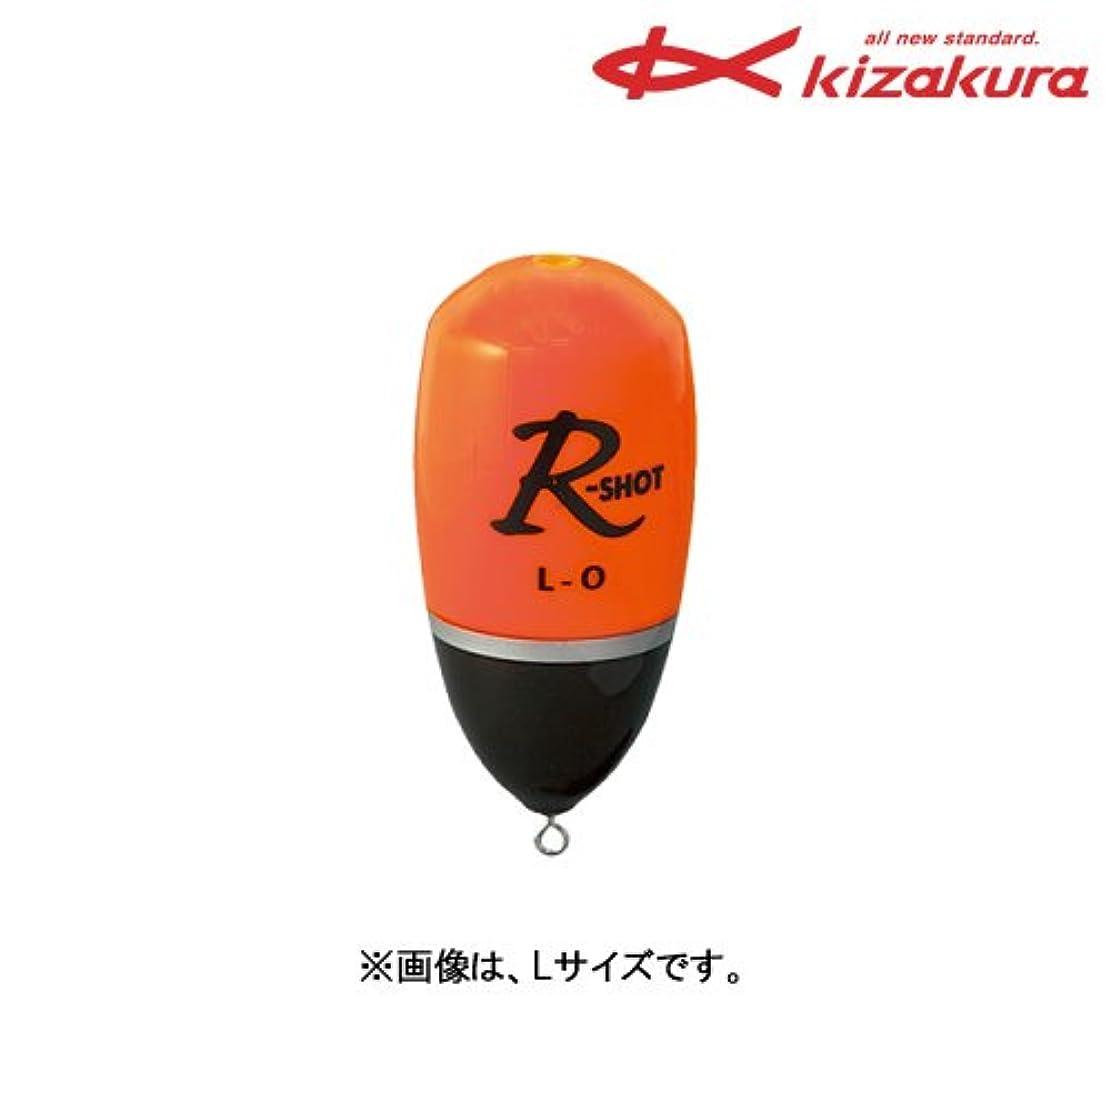 ひまわり作業車両キザクラ(kizakura) R-SHOT L B オレンジ